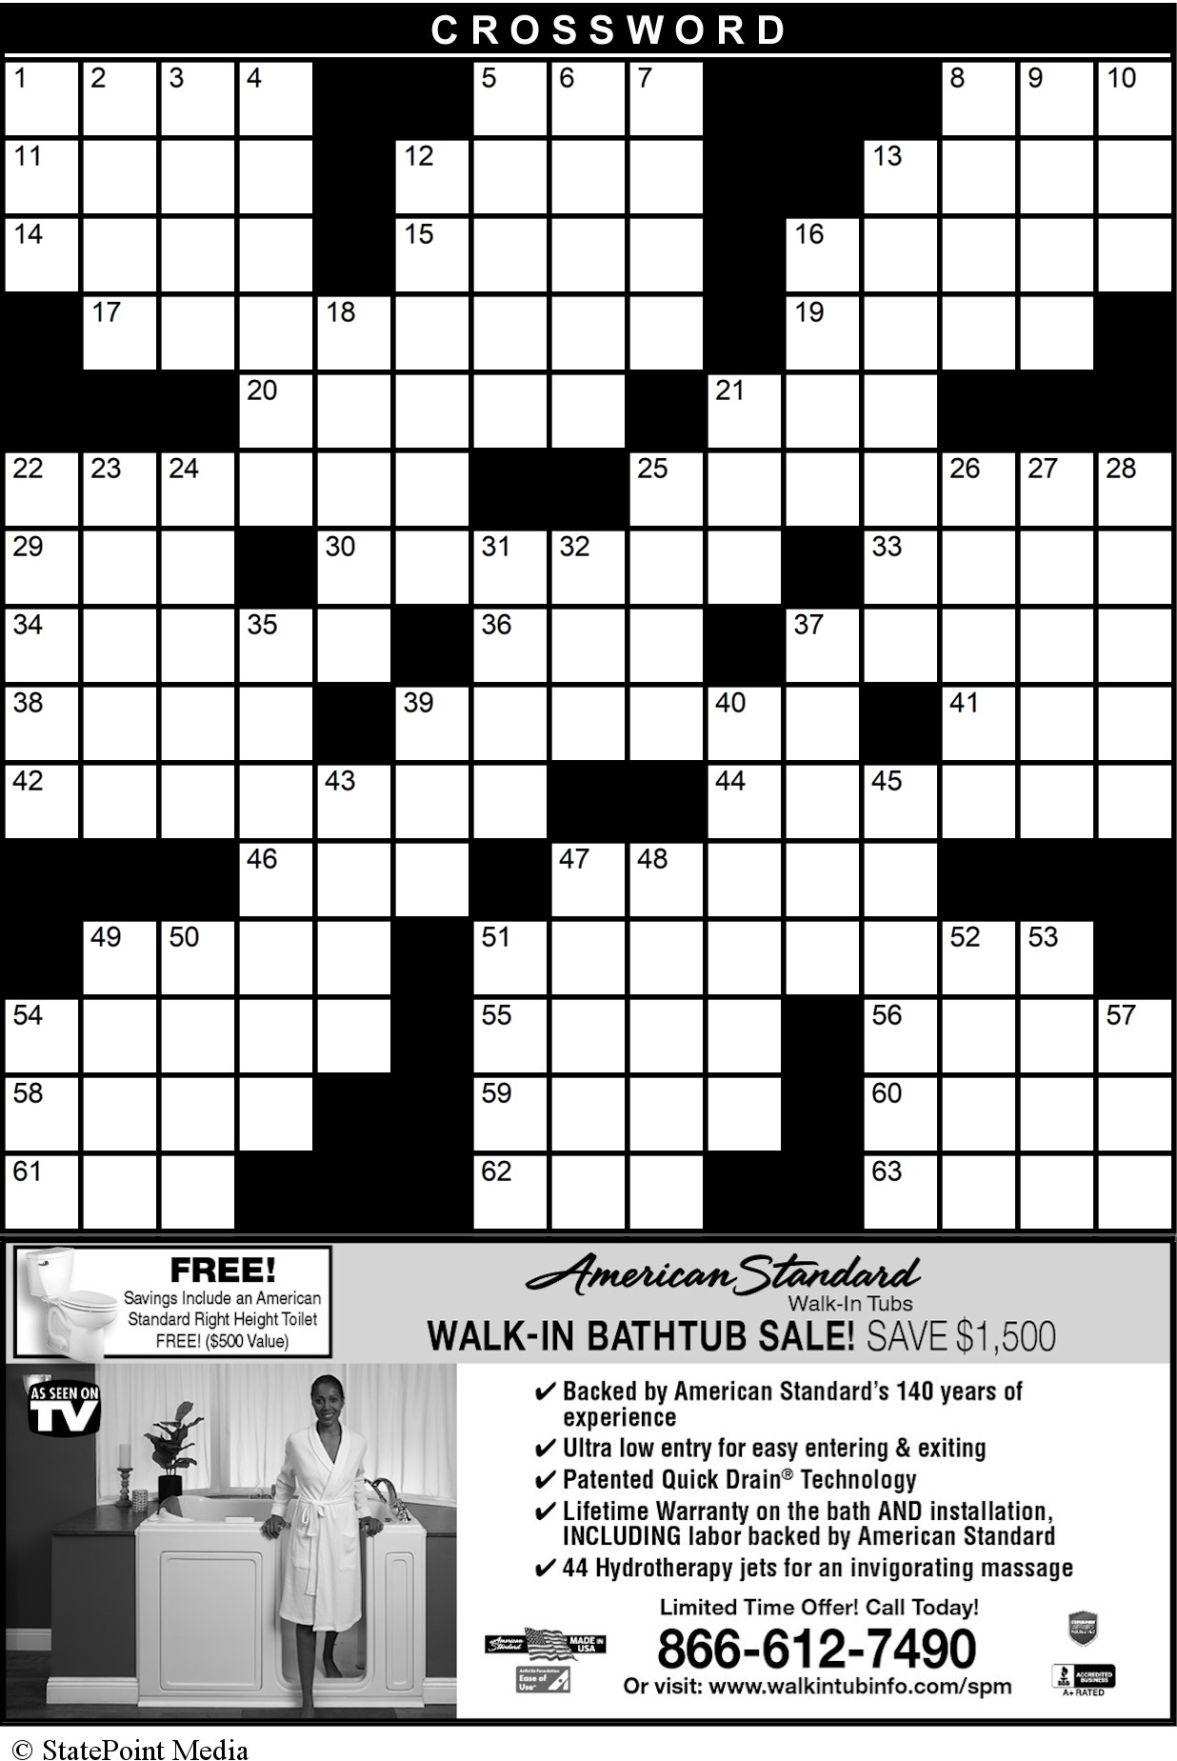 CW 05-07-20 puzzle.jpg